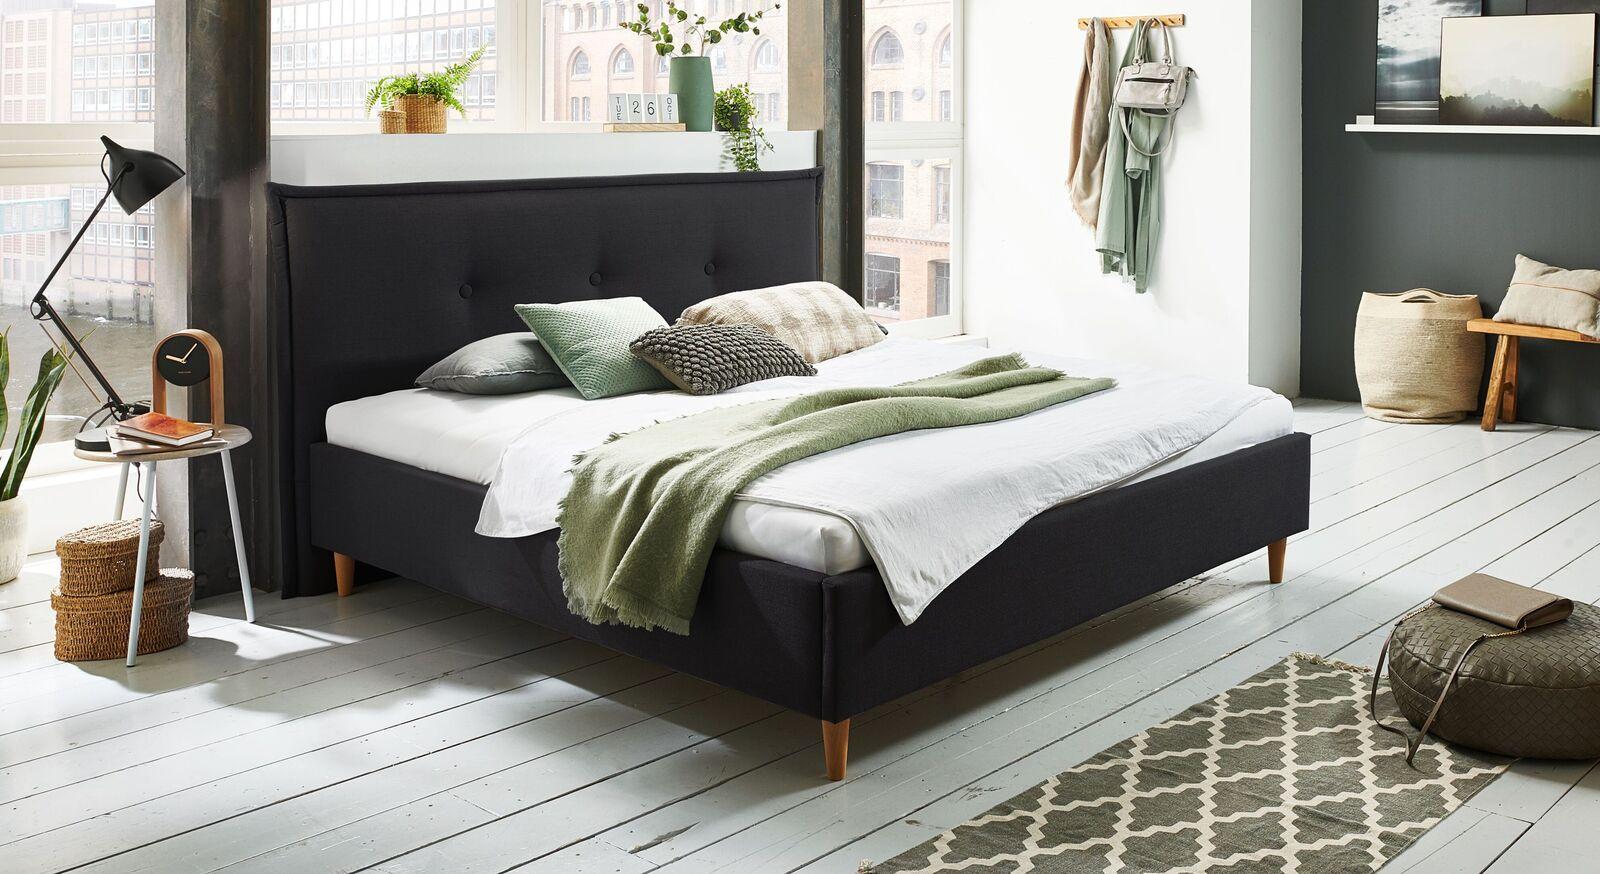 Bett Indore mit hochwertigem Webstoff in Schwarz